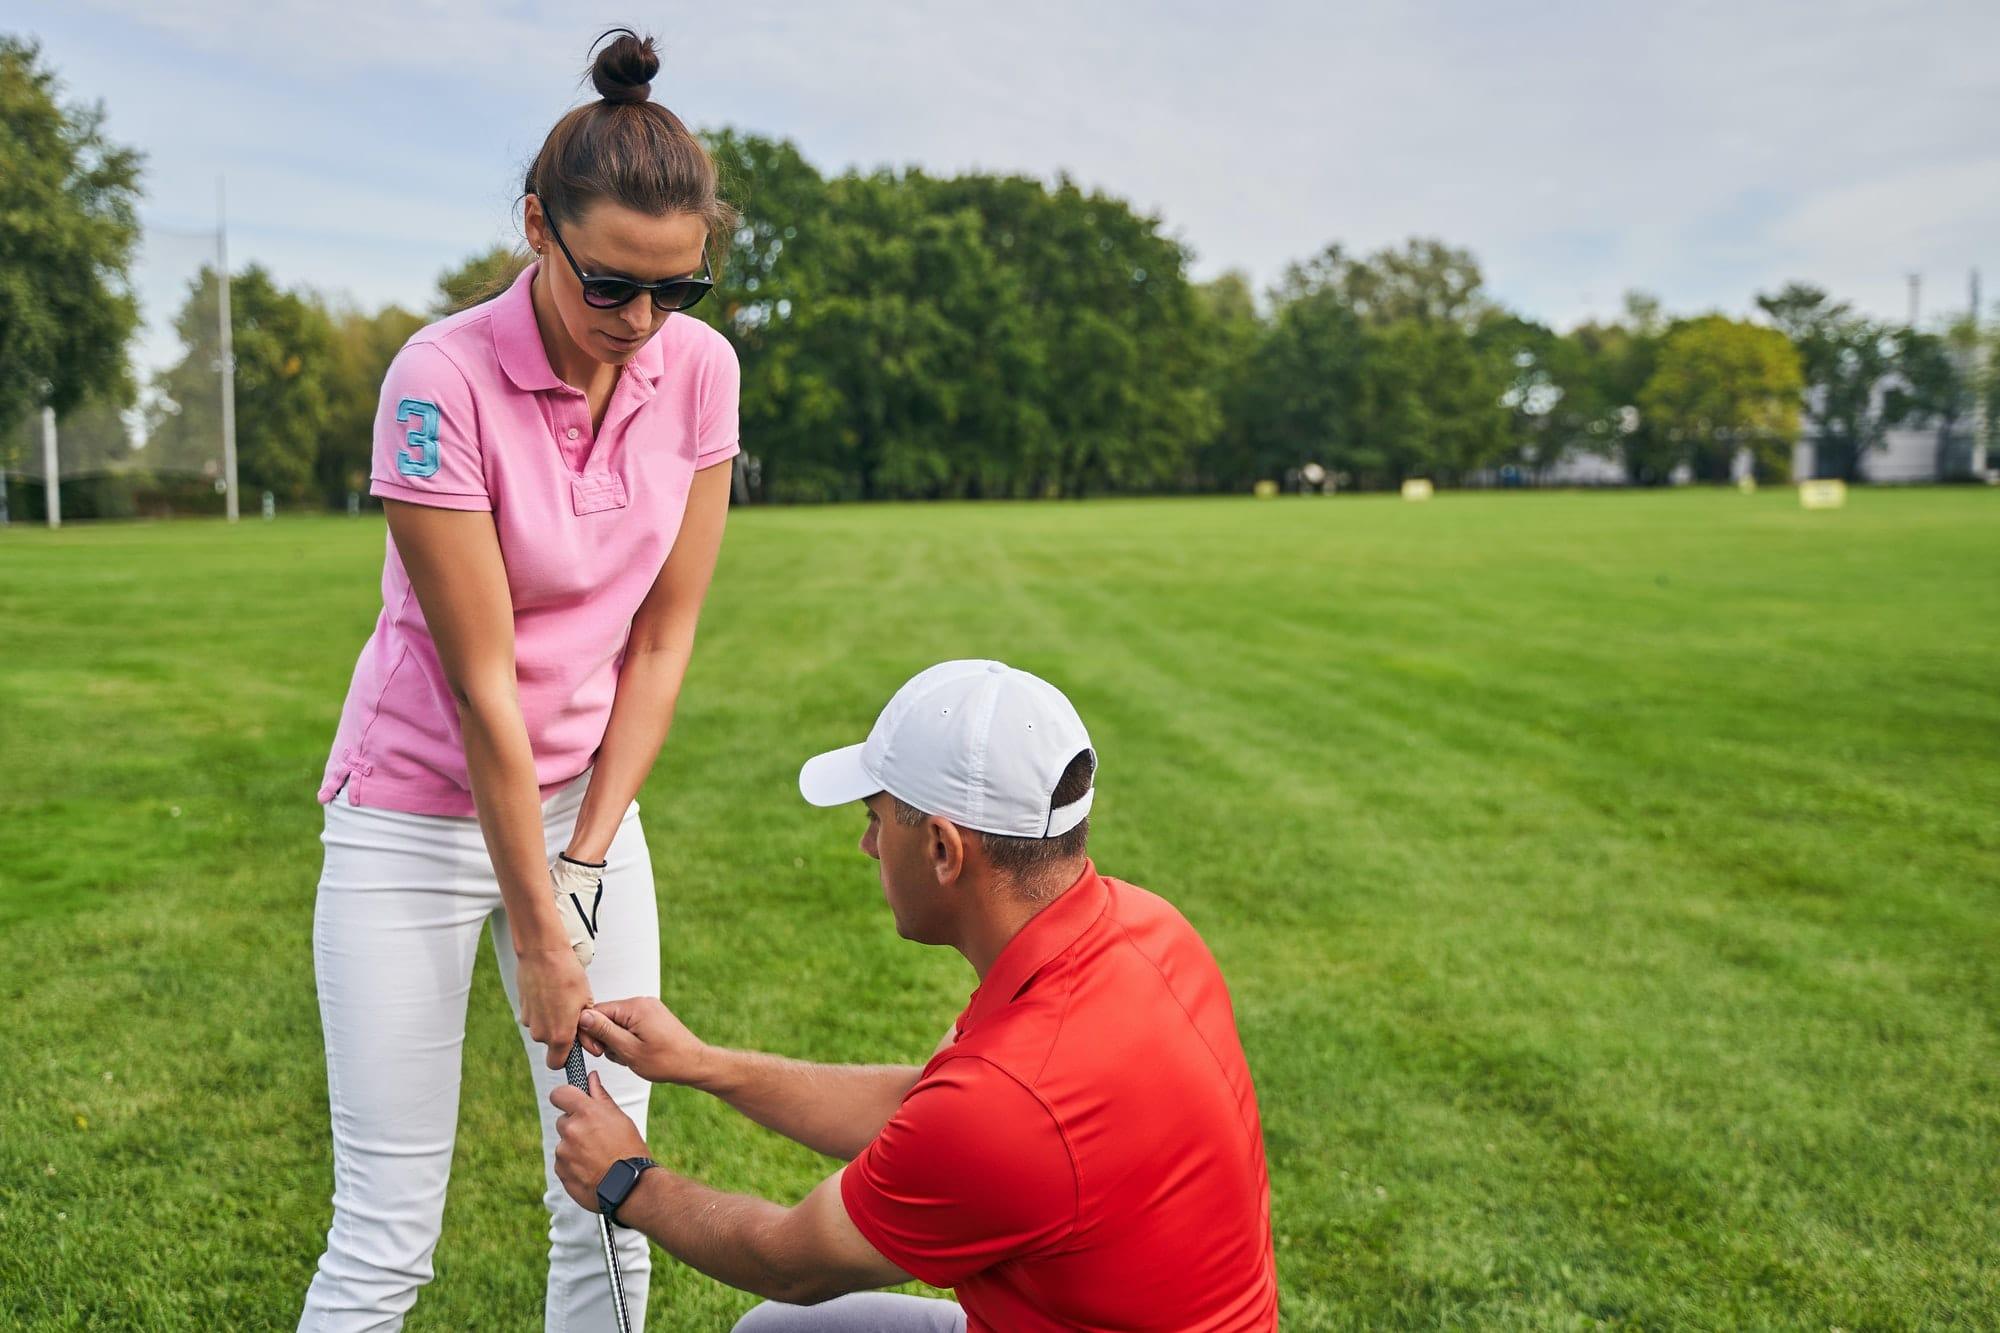 Der richtige Griffdruck beim Golf